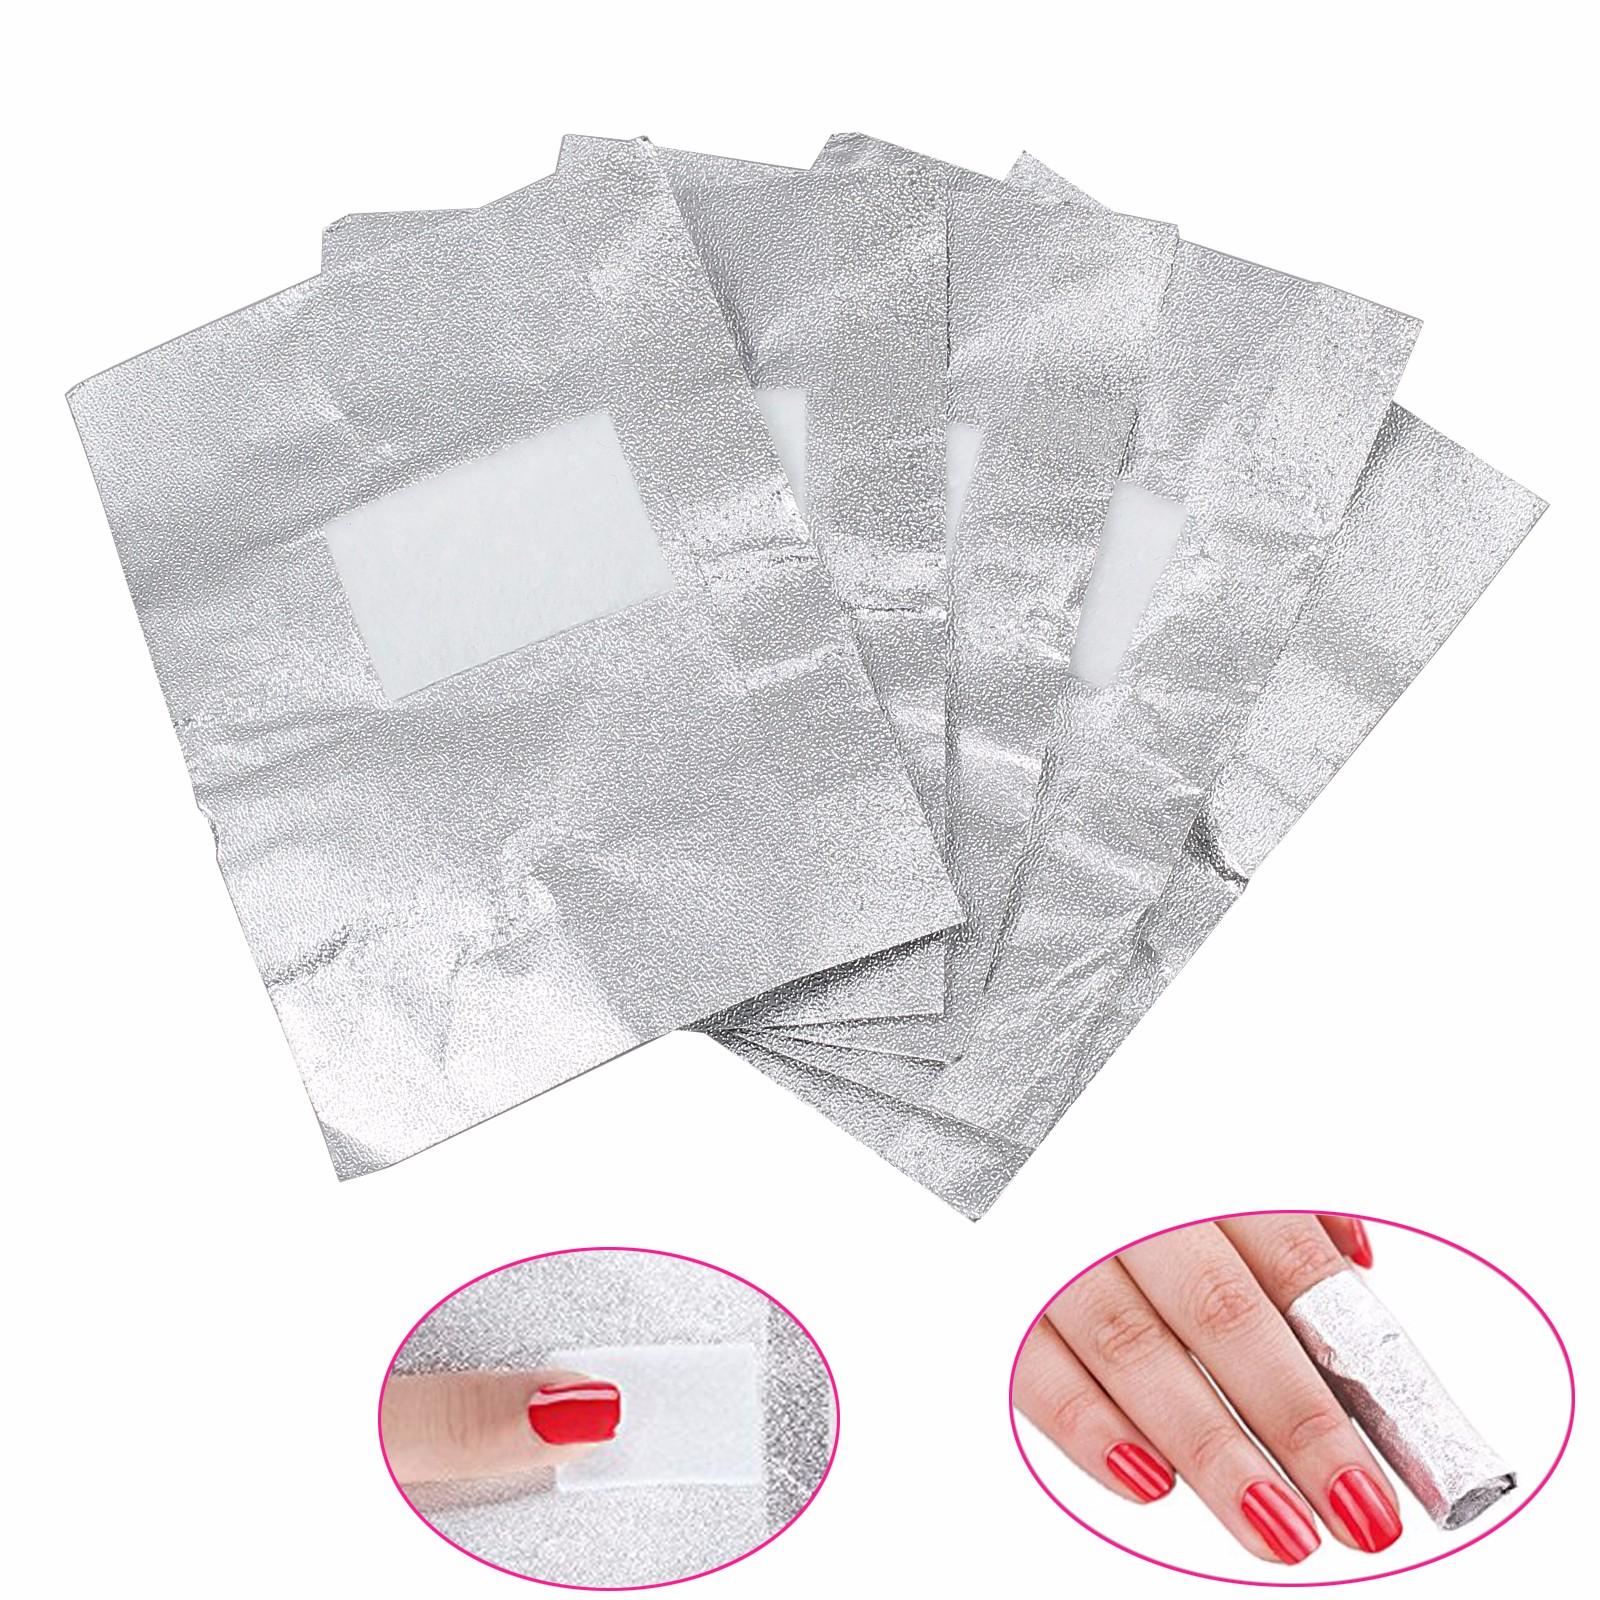 ESYNIC 200pcs Nail Art Foil Wraps Nail Acrylic Gel Polish Foil Wrap Remover Foil Nail Wraps Art Soak Off Gel Foil Cleaner with Cotton Pad Makeup Tool